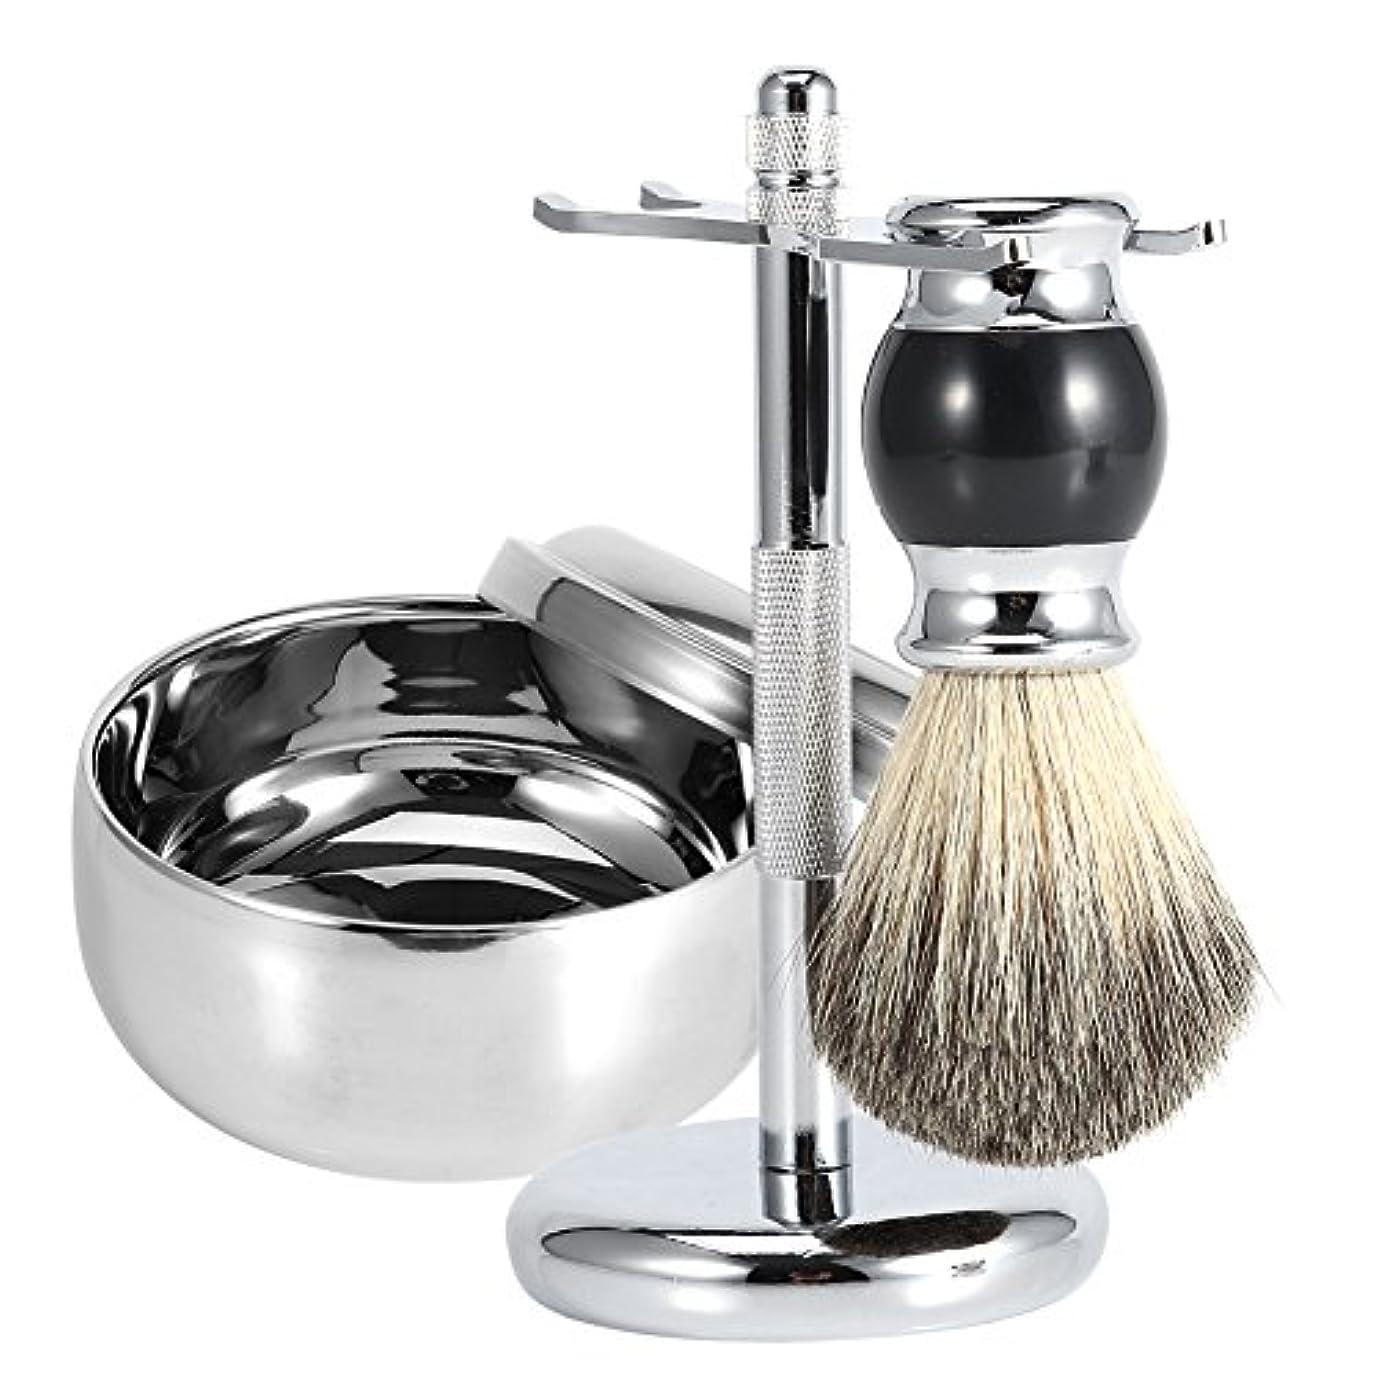 禁じるオリエントインペリアルシェービングブラシセット メンズシェービングツール 石鹸ボウル 理容 洗顔 髭剃り 泡立ち スタンド ホルダー フェイクバジャーヘアブラシ 合金ソープマグカップキット(3点セット銀)